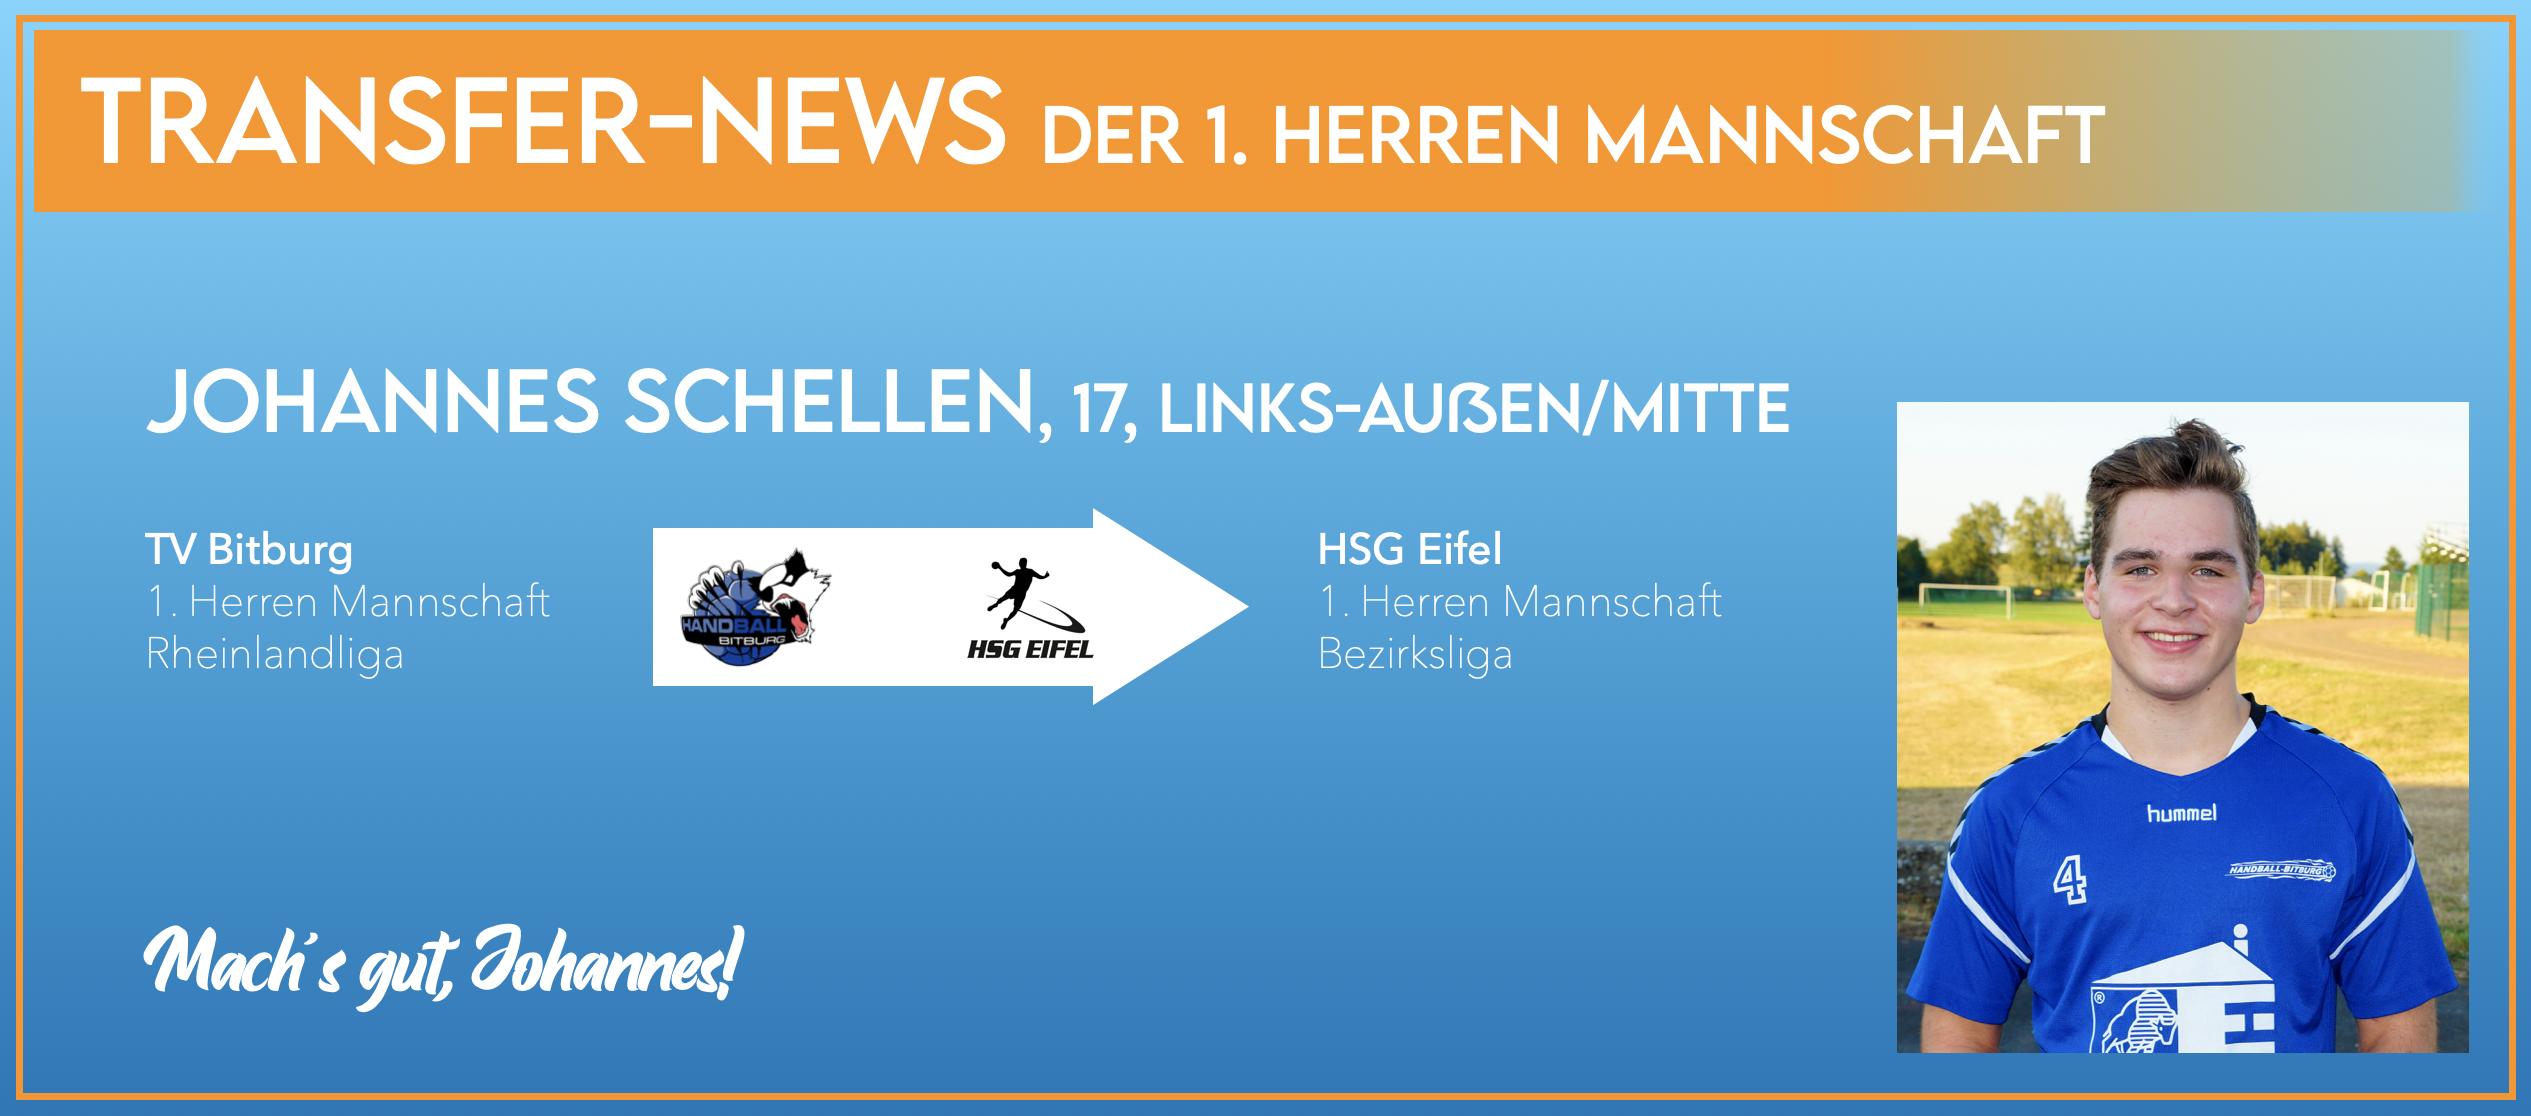 Johannes Schellen kehrt zur HSG Eifel zurück